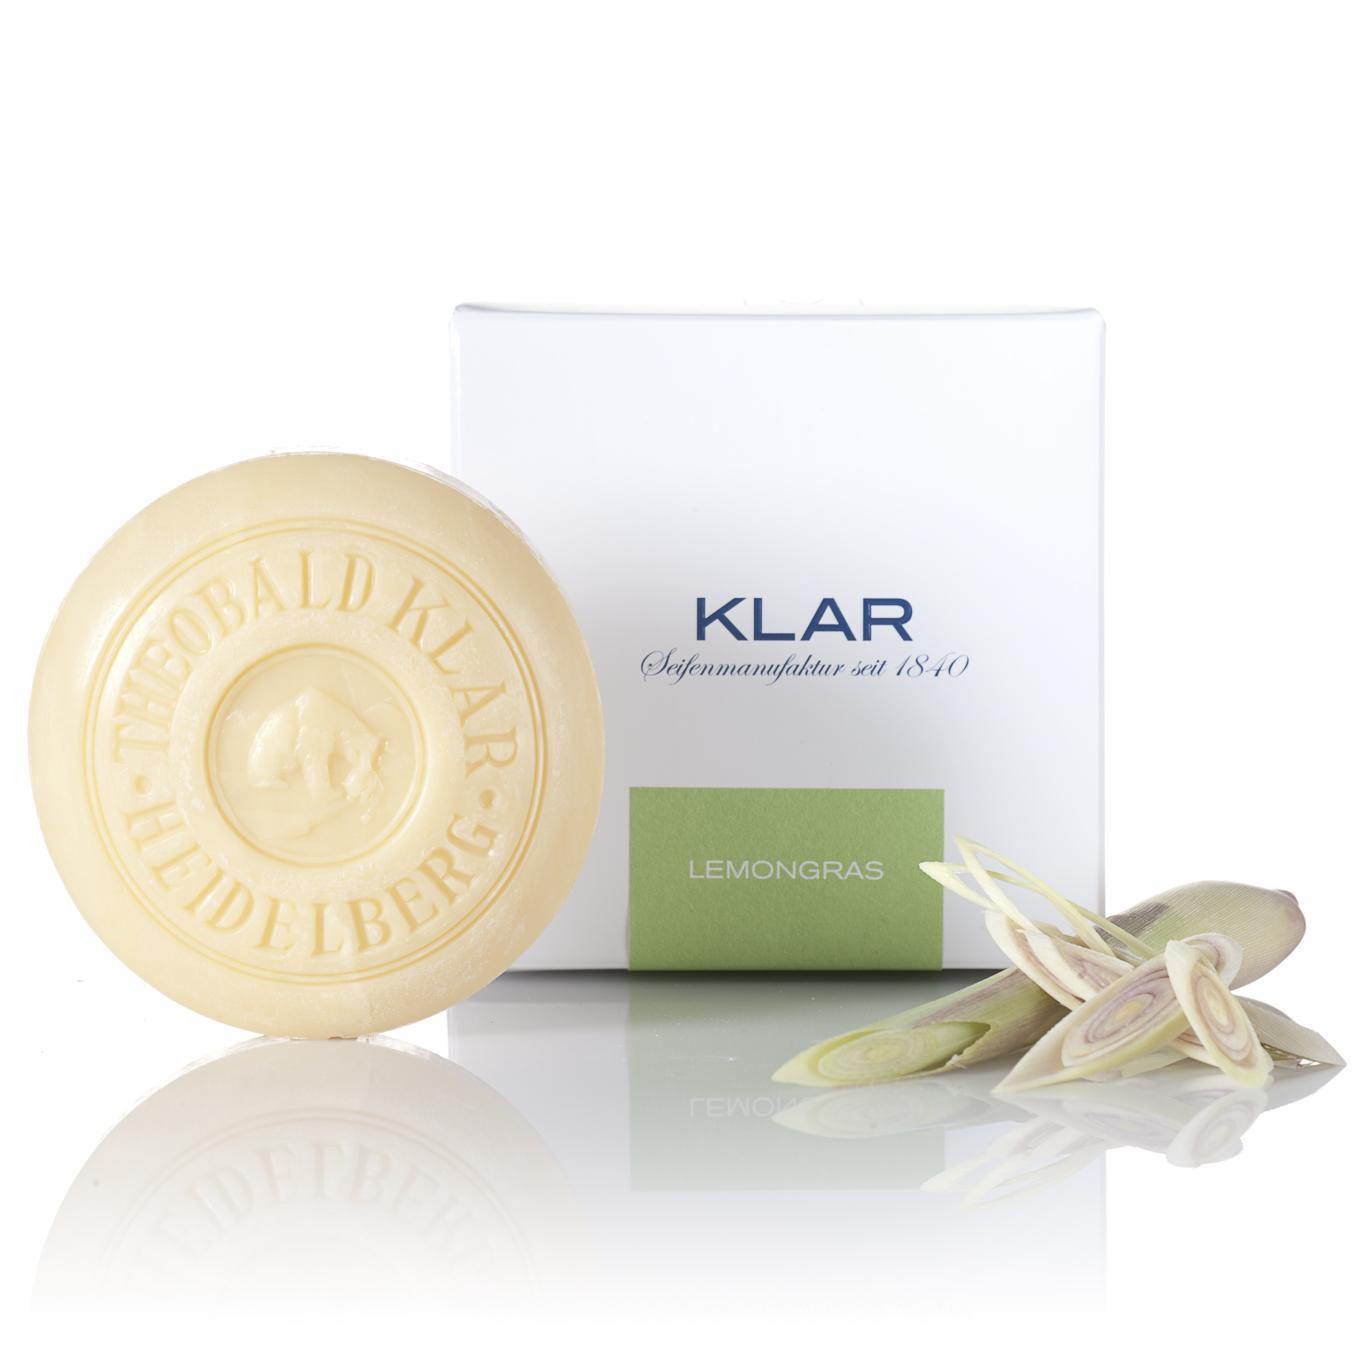 Klar Lemongrass Essential Oil Soap 150g